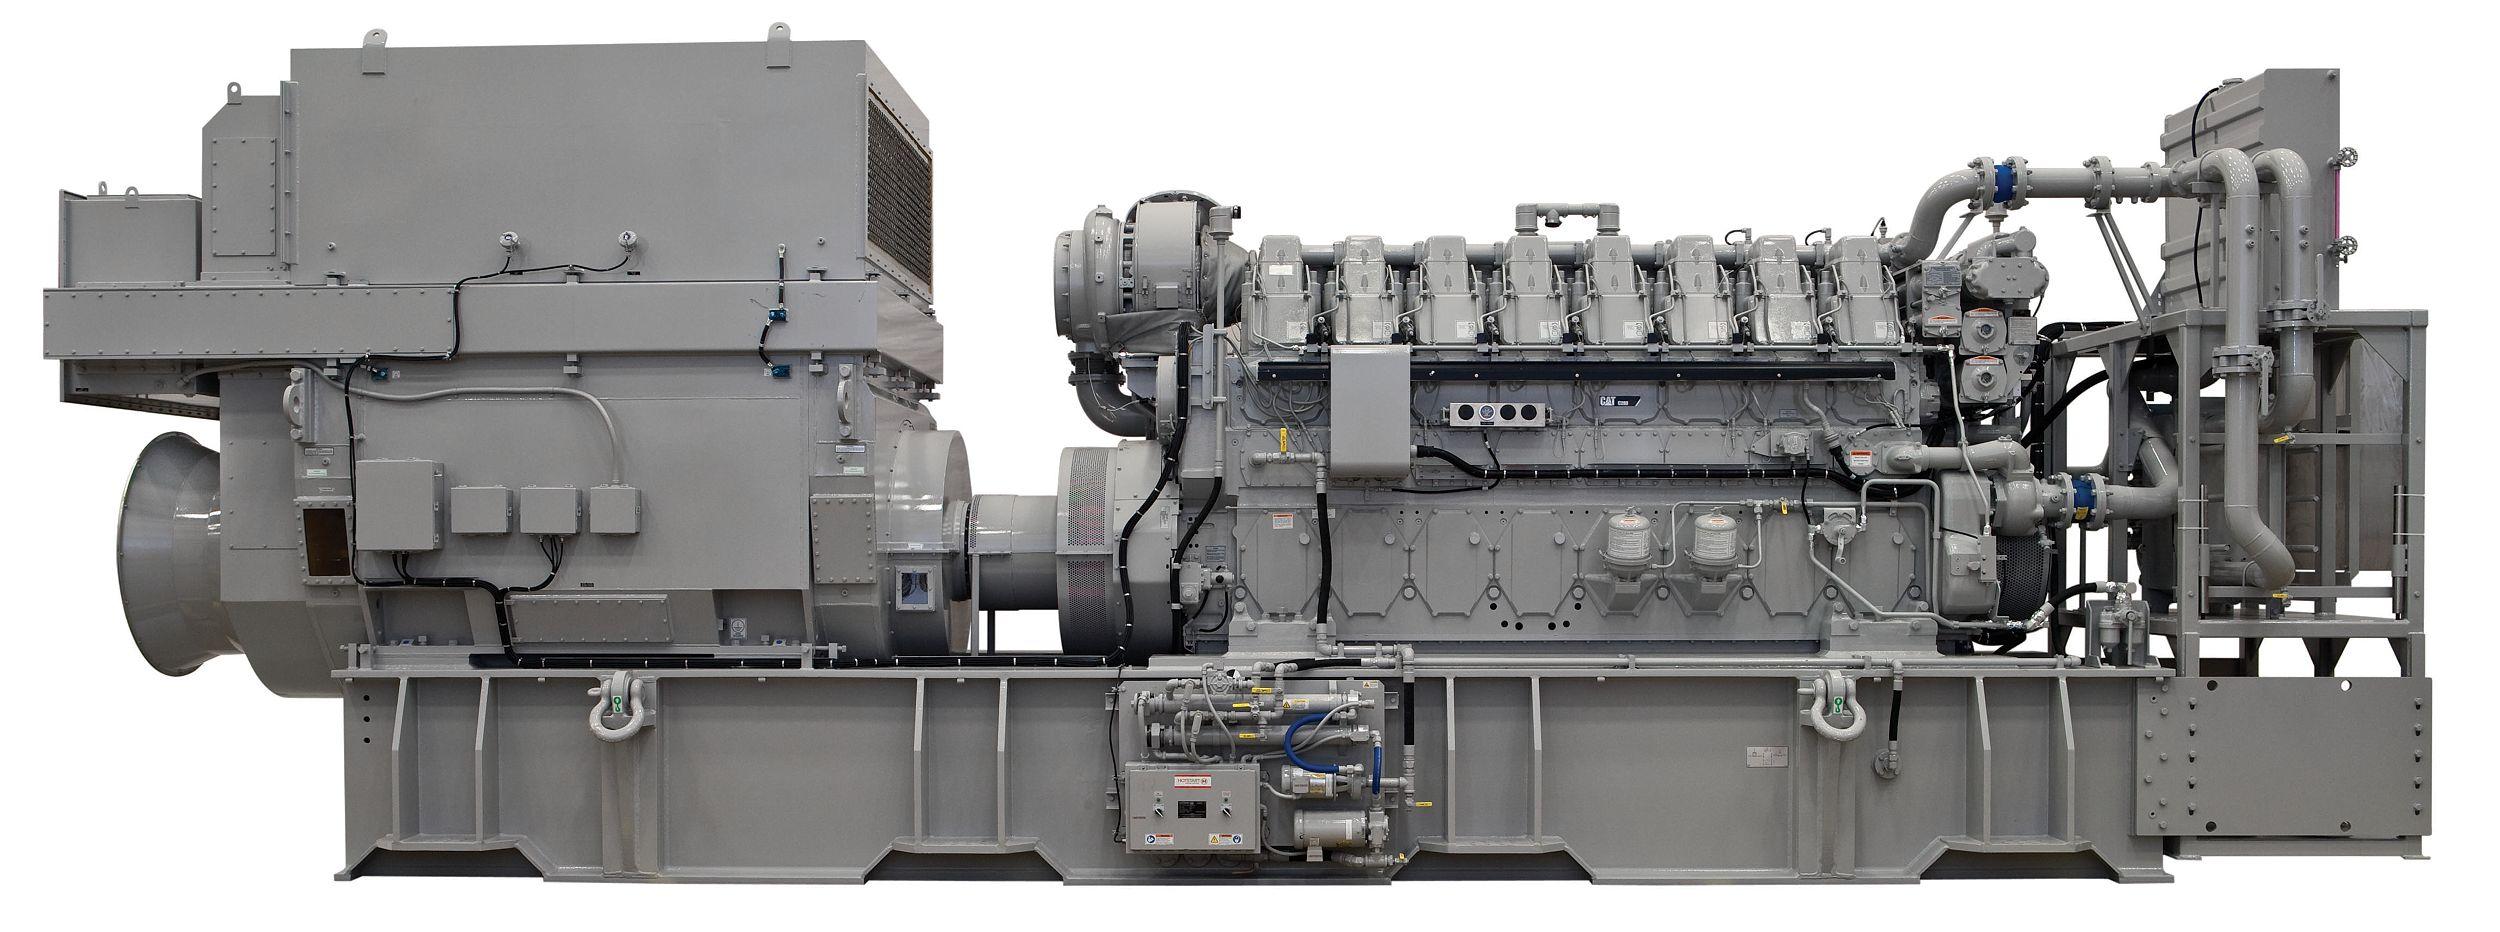 C280-8 Offshore Generator Set